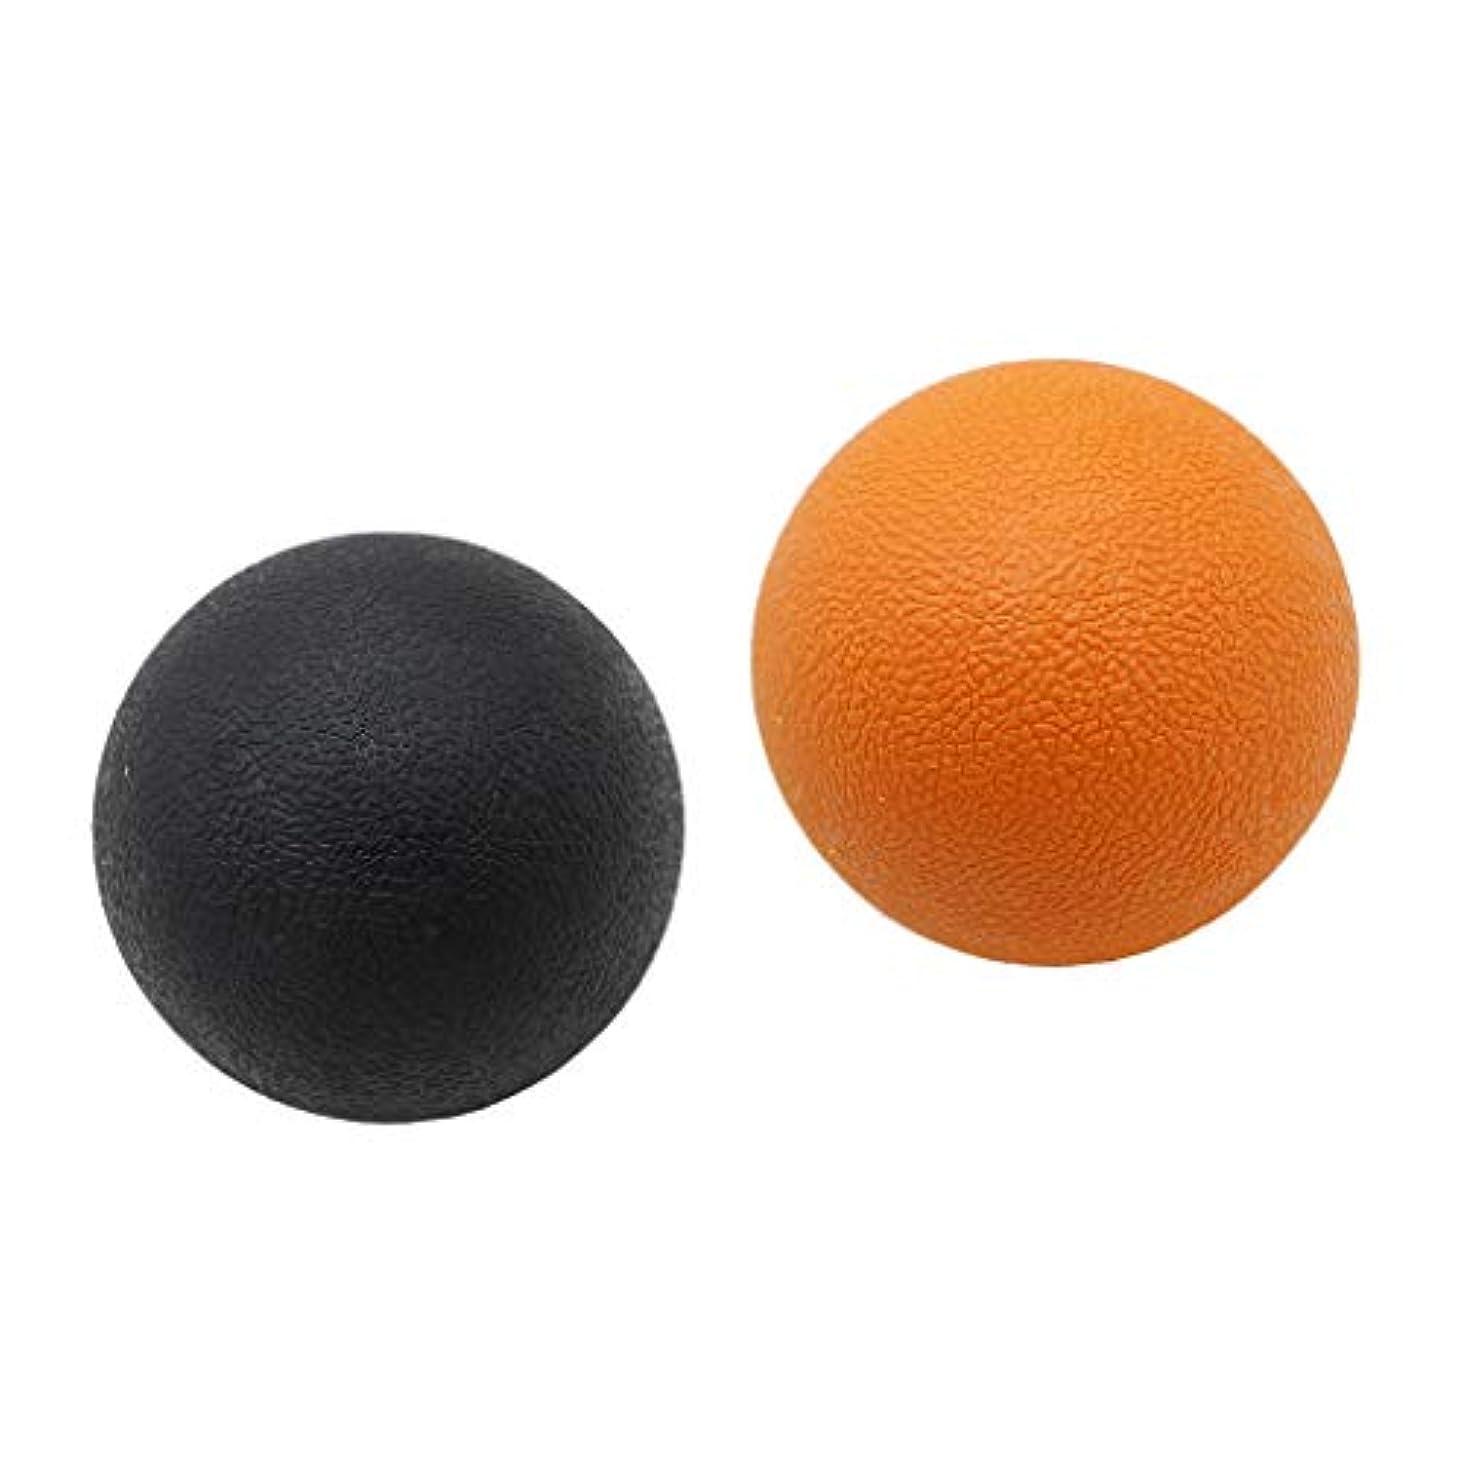 短くするスープオフセットP Prettyia マッサージボール トリガーポイント ストレッチボール トレーニング 背中 肩 腰 マッサージ 多色選べる - オレンジブラック